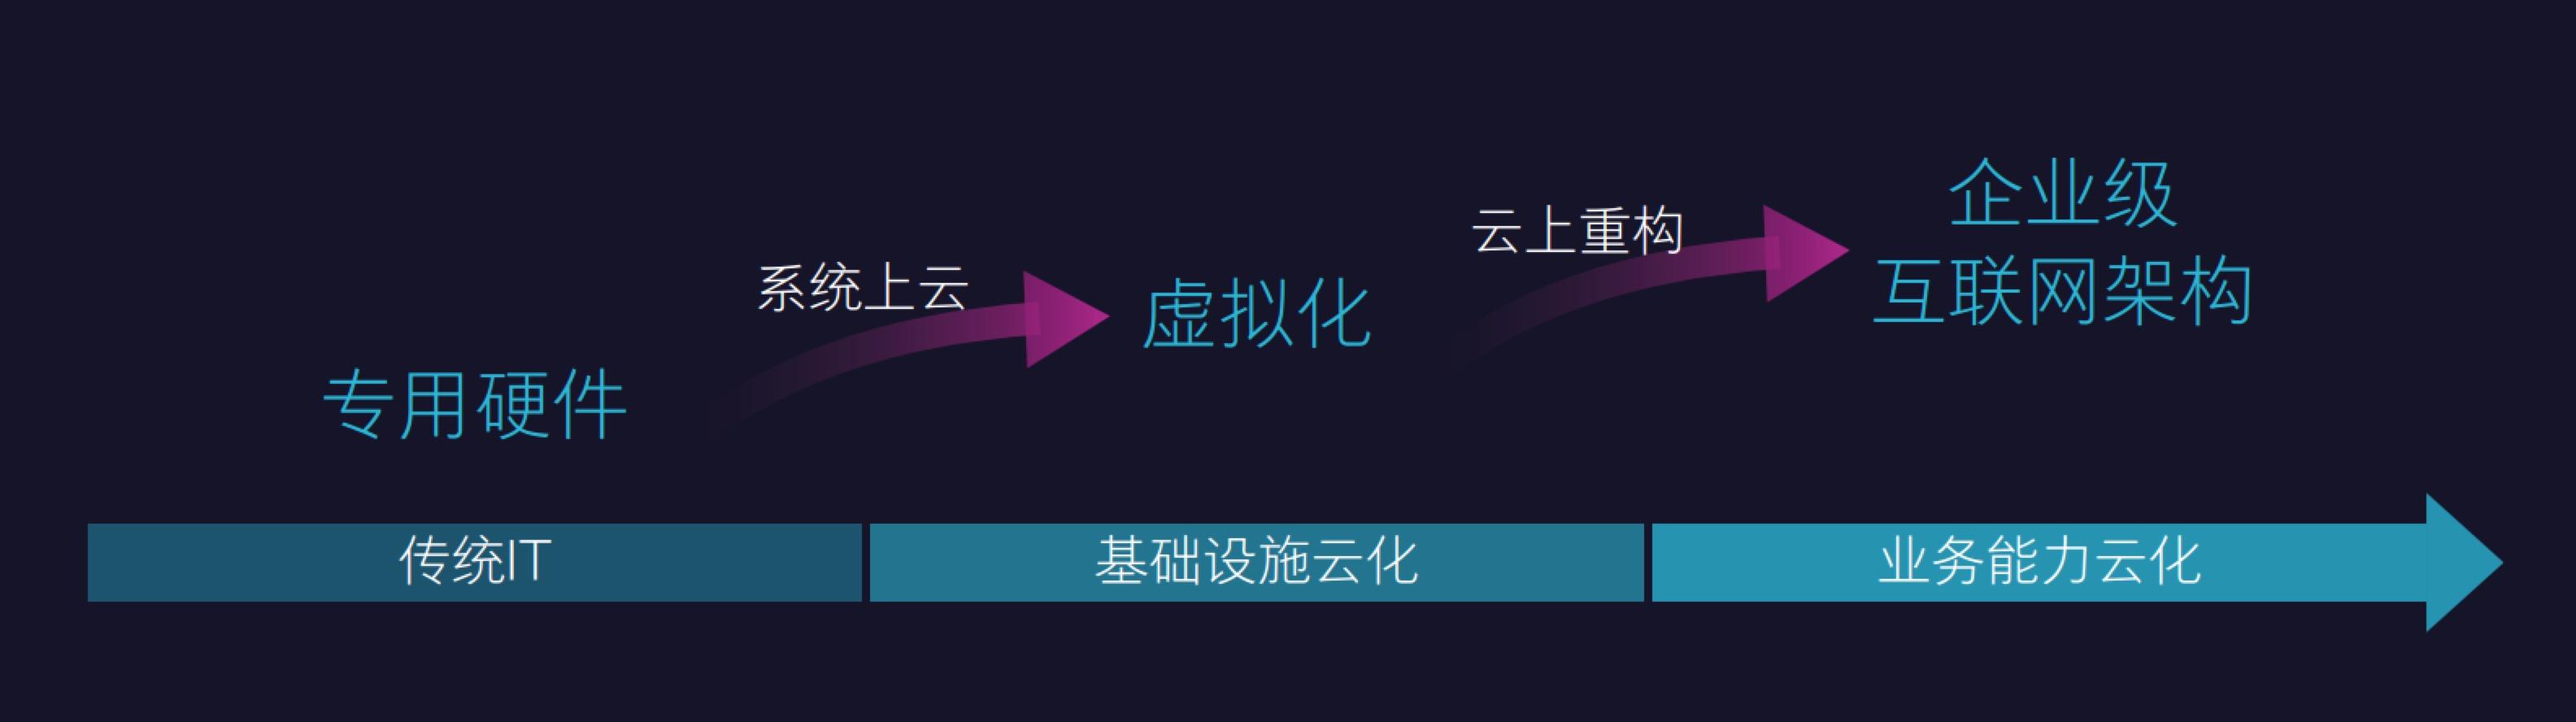 先看一下基本框架:最底层是企业级互联网架构,往上到中间这一层就是共享服务层,顶层就是能力开放平台。  这里有一个挑战,当原来的用户管理能力,是在不同的 IT 系统中以不同的形式存在,比如说用户的信息可能在 A 系统中是一种数据形式,B 系统又是另外一种形式,双方孤岛式的存在,在抽象成一个共同的用户管理中心能力之后,需要支撑的就不只是一个业务流了,要求必须是能力可线性扩展。 再来,把一个专用硬件上跑的独立的烟囱式系统,拆成一个横向的、平台化的、分布式的系统之后。有一个问题:这个系统虽然很好,当它越来越大的时